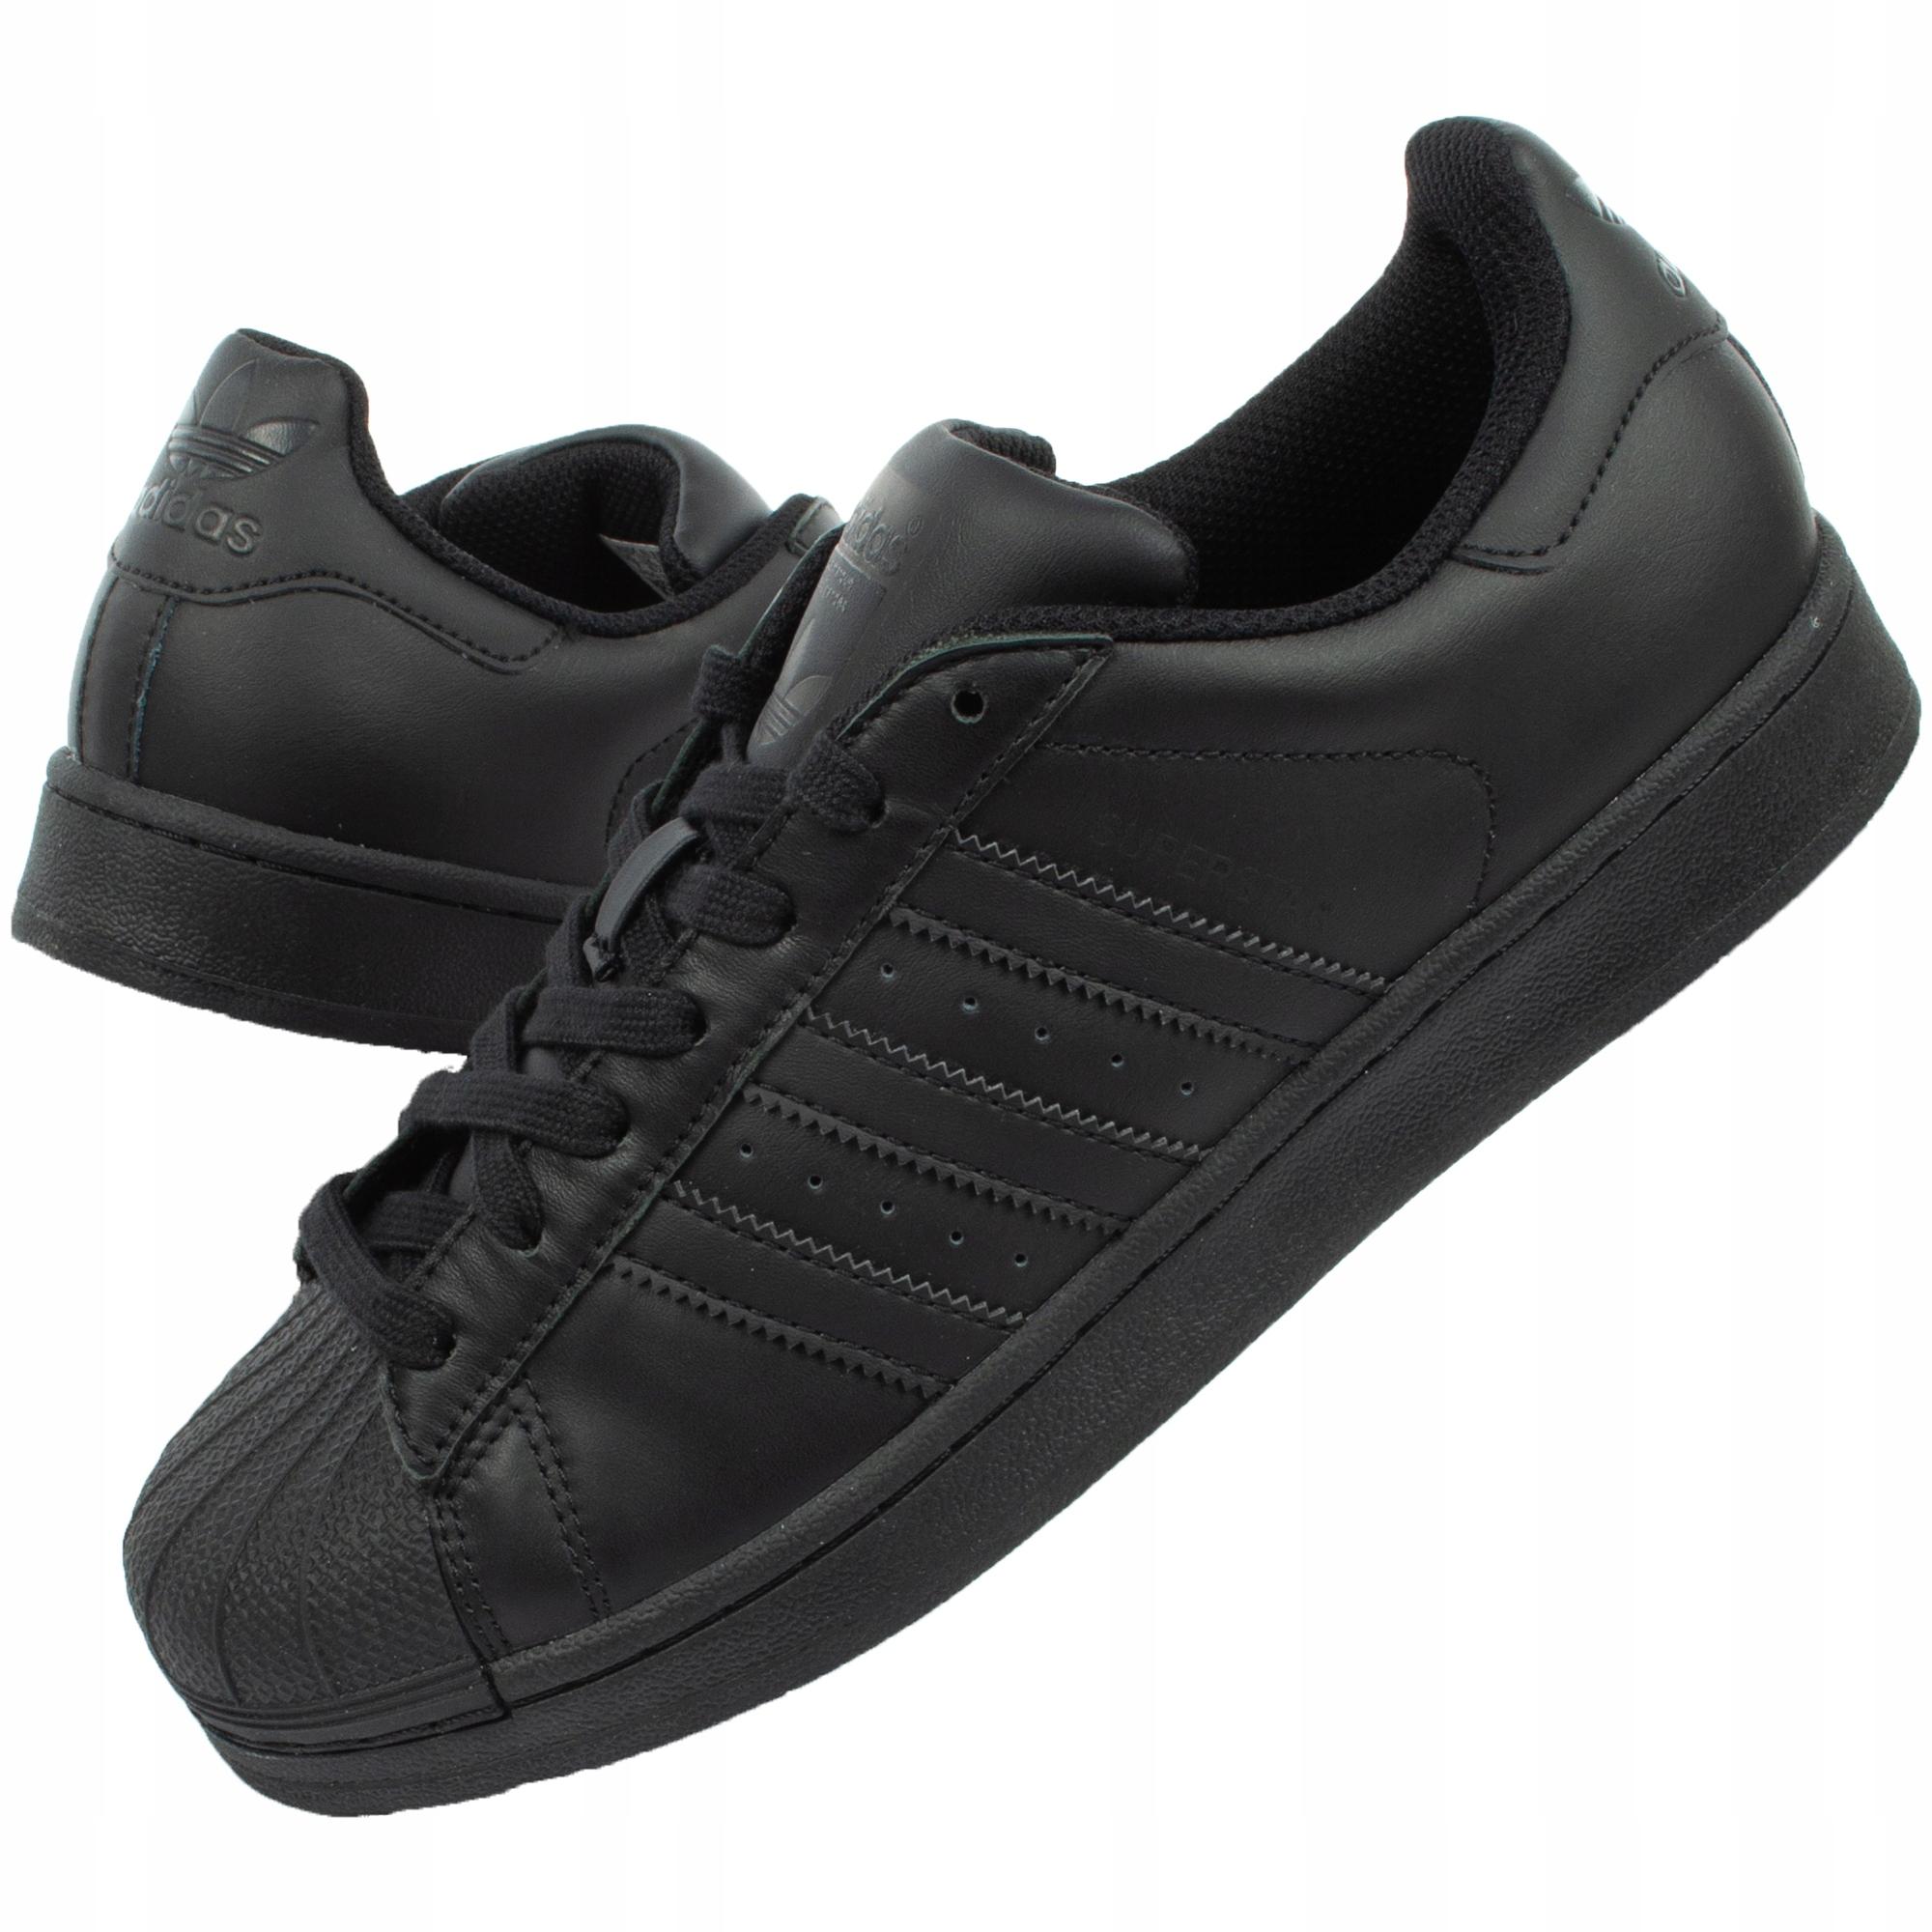 667874e8 Buty Damskie Adidas Superstar AF5666 r. 38 7104194448 - Allegro.pl